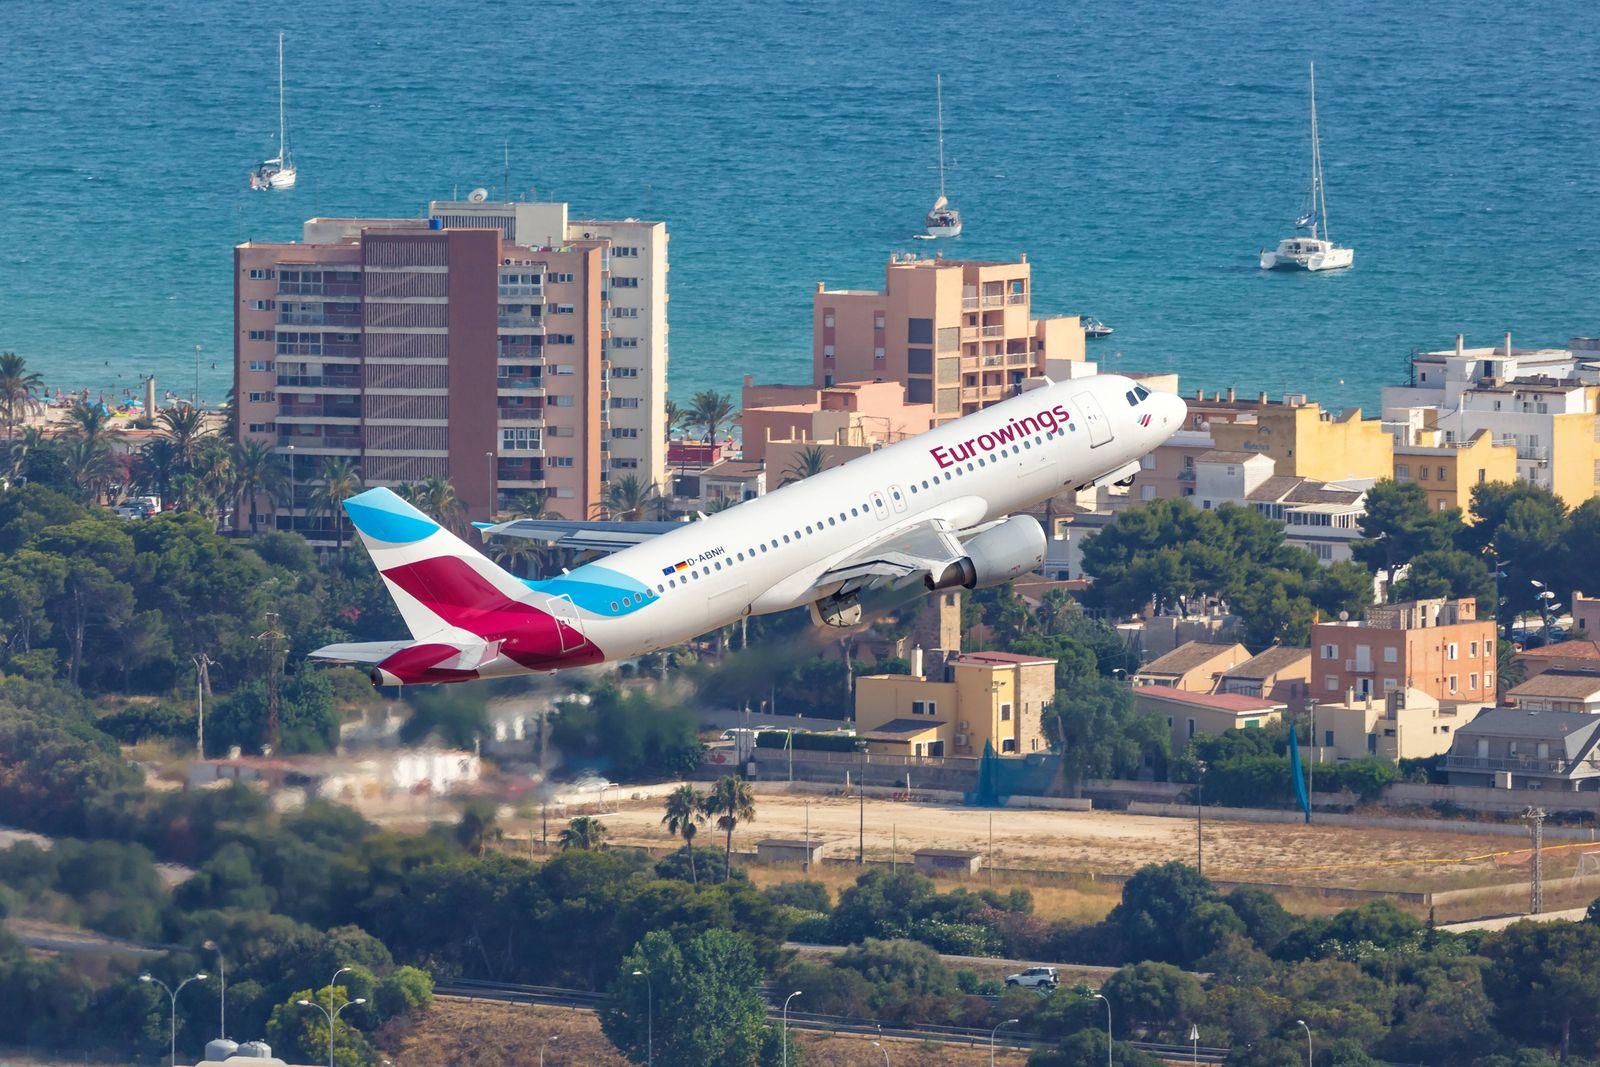 Eurowings Airbus A320 Flugzeug Flughafen Palma de Mallorca Luftbild Palma de Mallorca Spanien 21